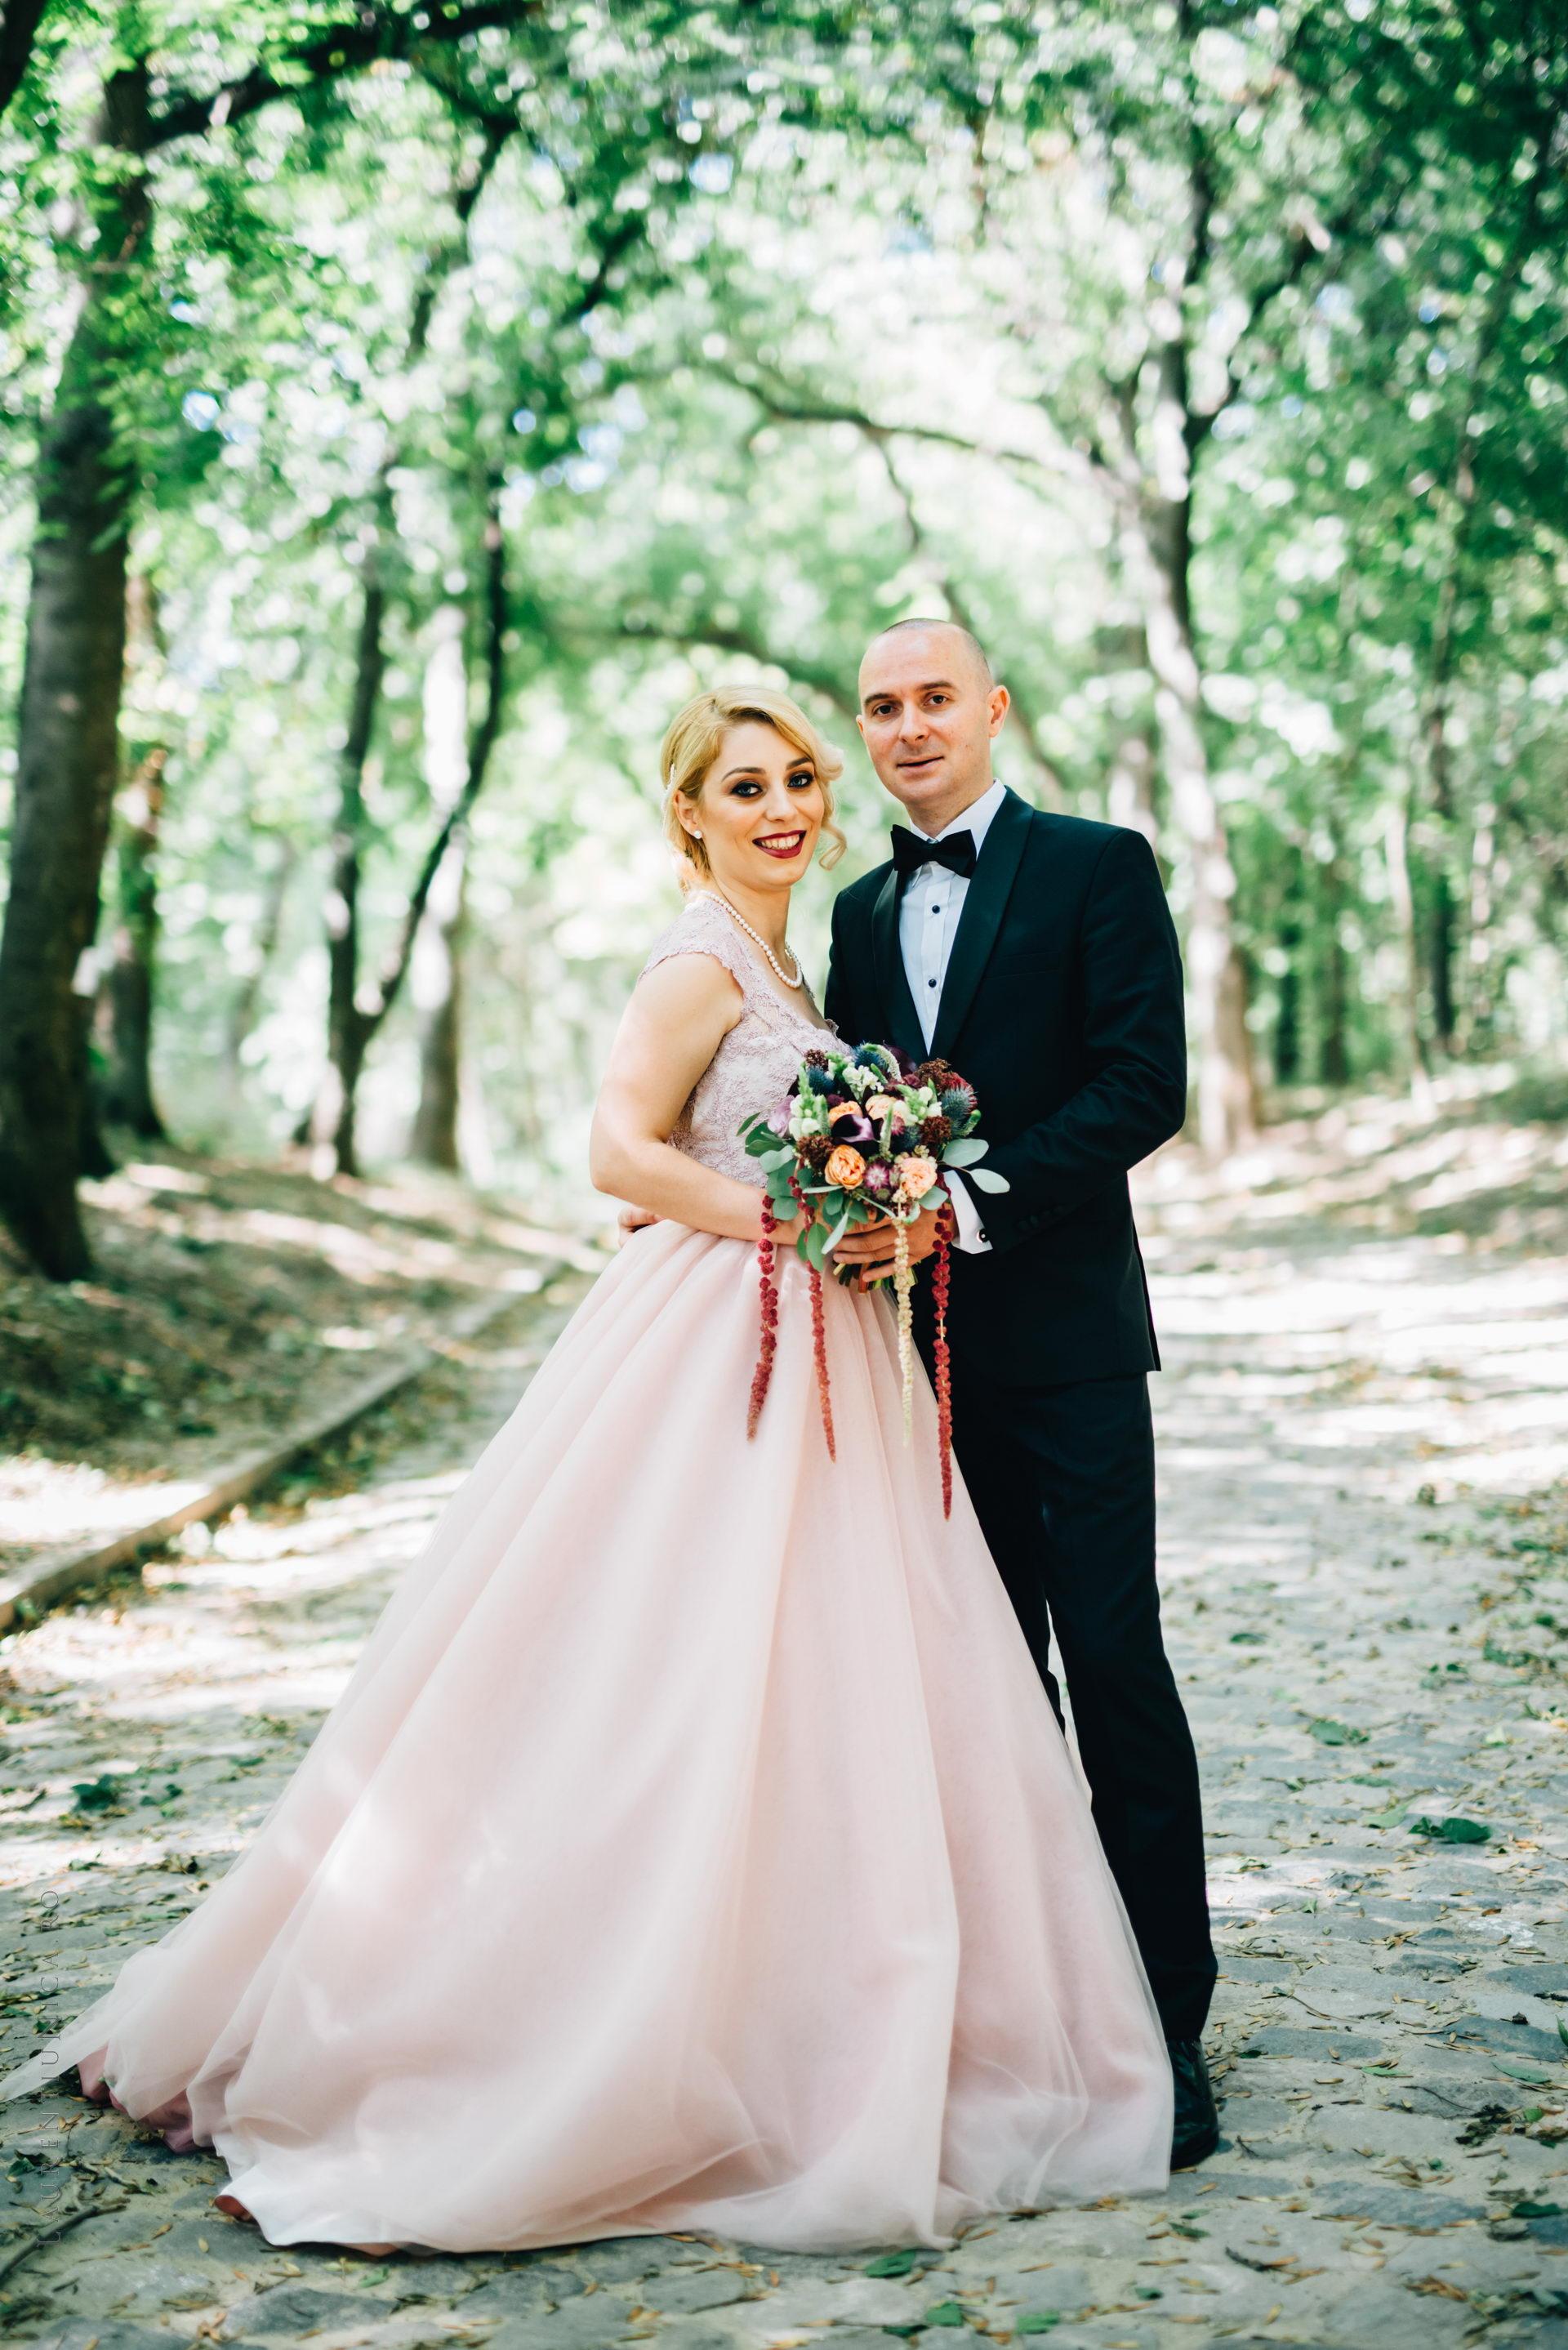 lavinia si adi fotograf laurentiu nica craiova 025 - Lavinia & Adi | Fotografii nunta